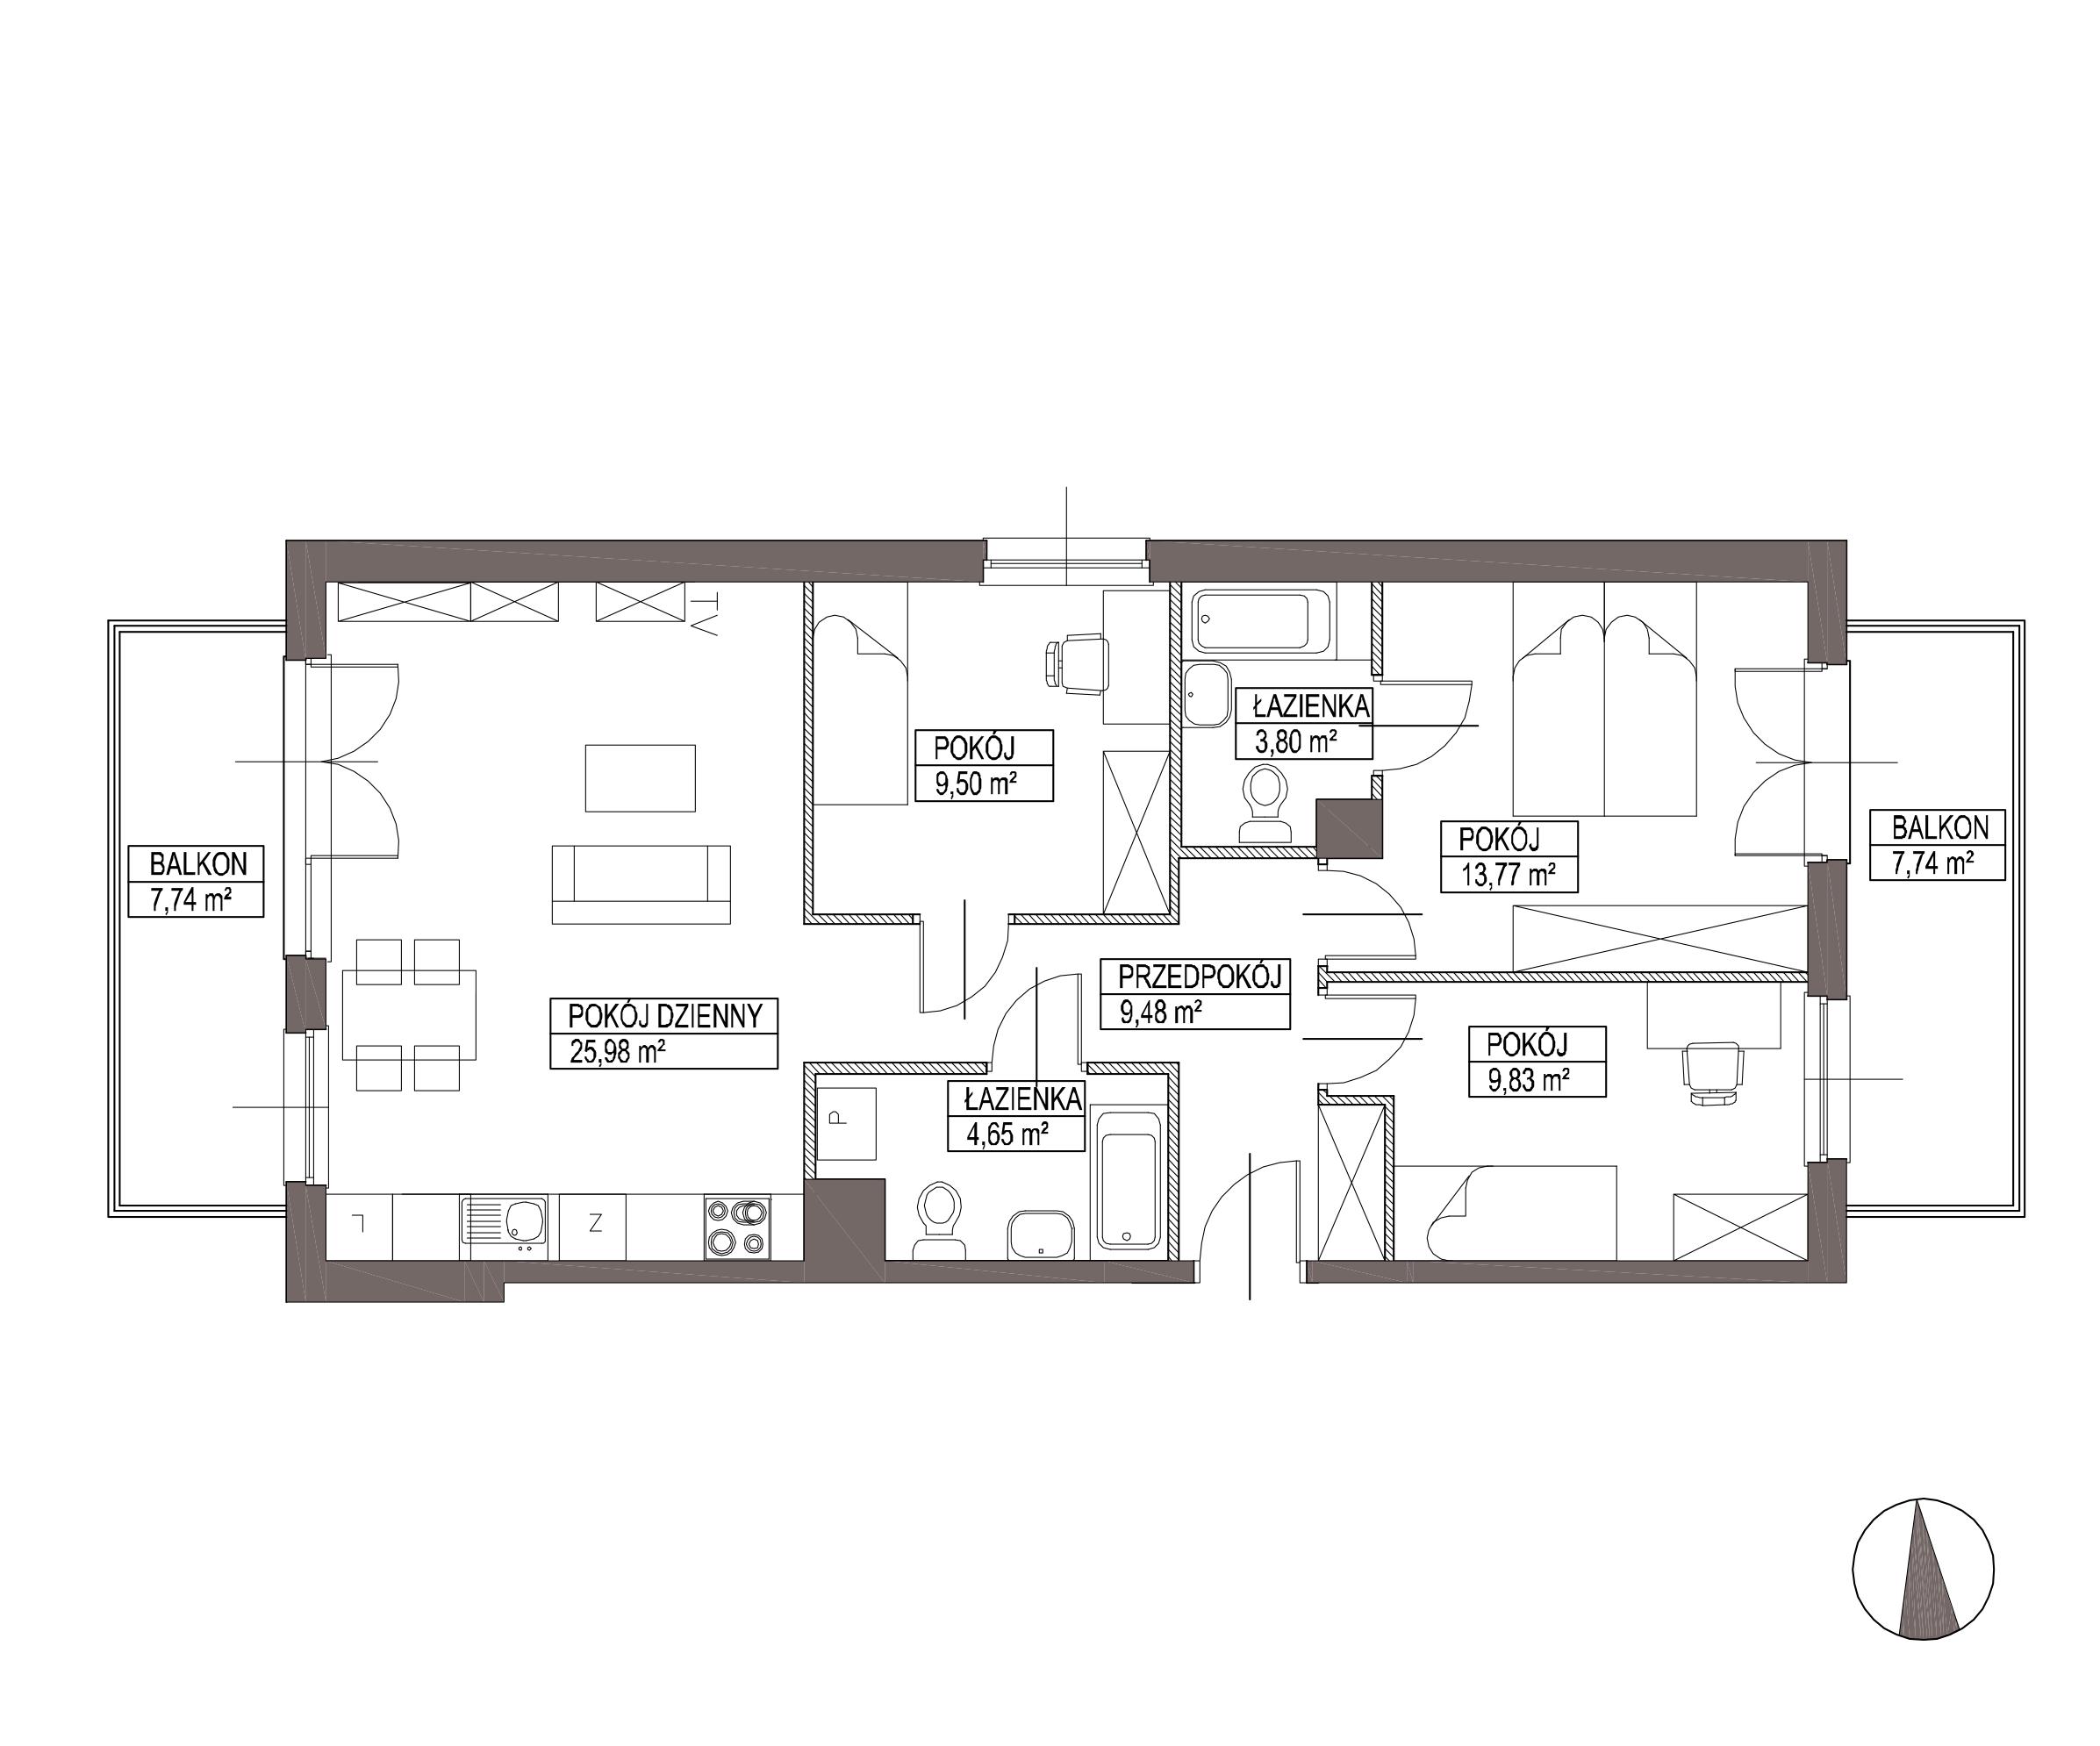 Kameralna Olszówka / budynek 1 / mieszkanie KO/B/1/4 rzut 1